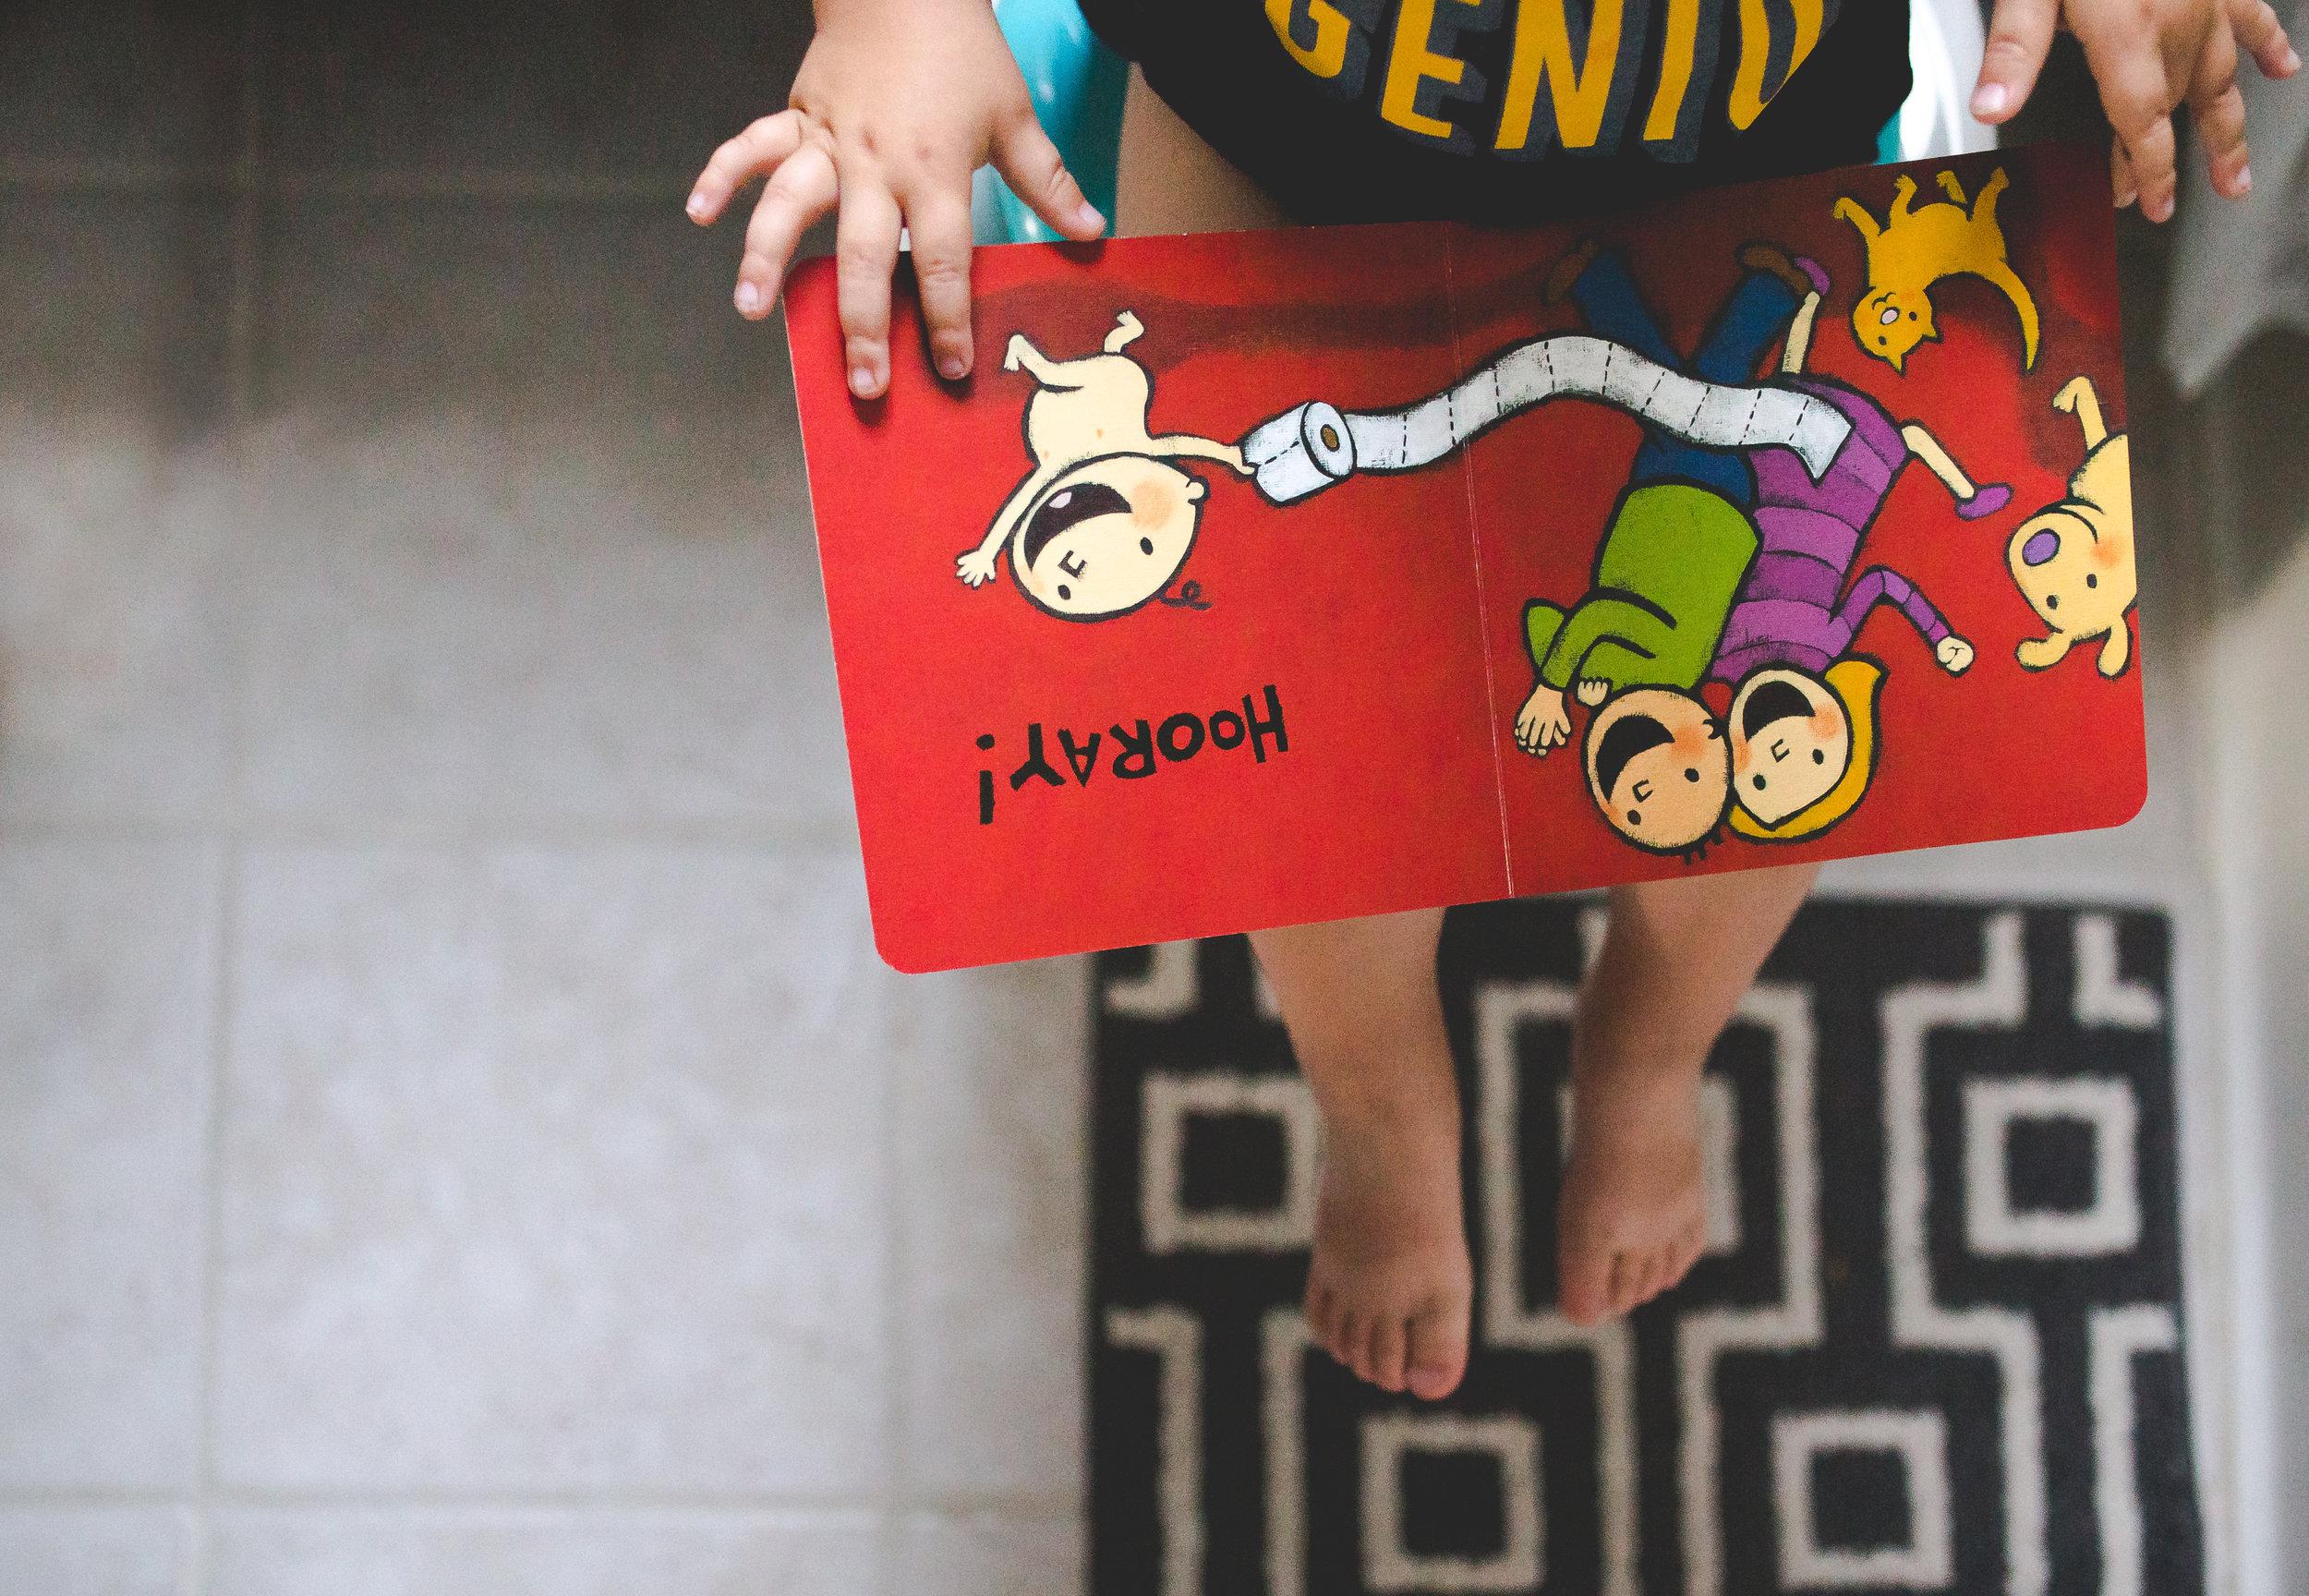 d on potty reading potty book 365.jpg